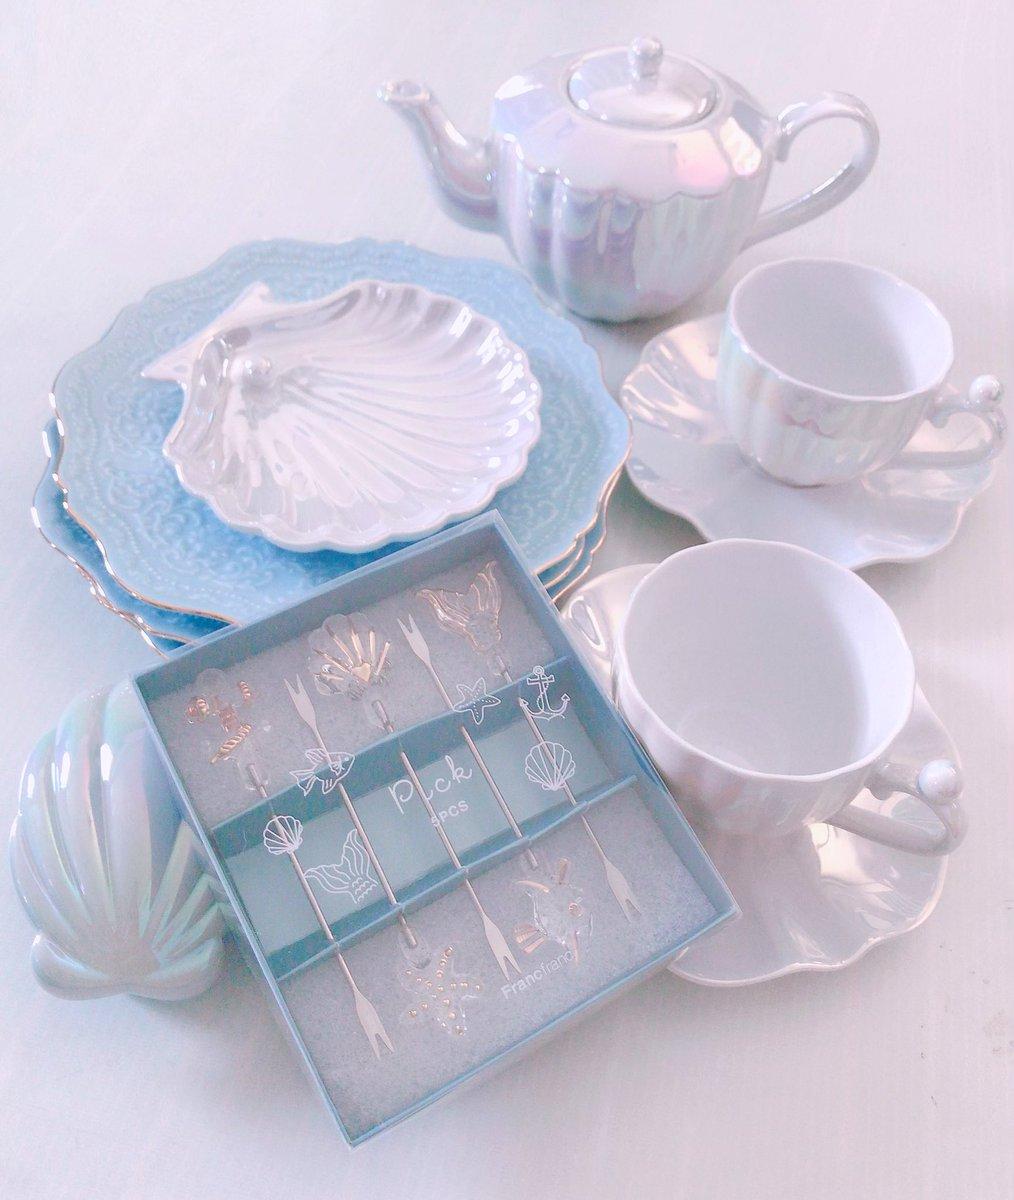 海モチーフの食器がめちゃくちゃ可愛くて素敵な衝動買いしてしまった〜〜🐚